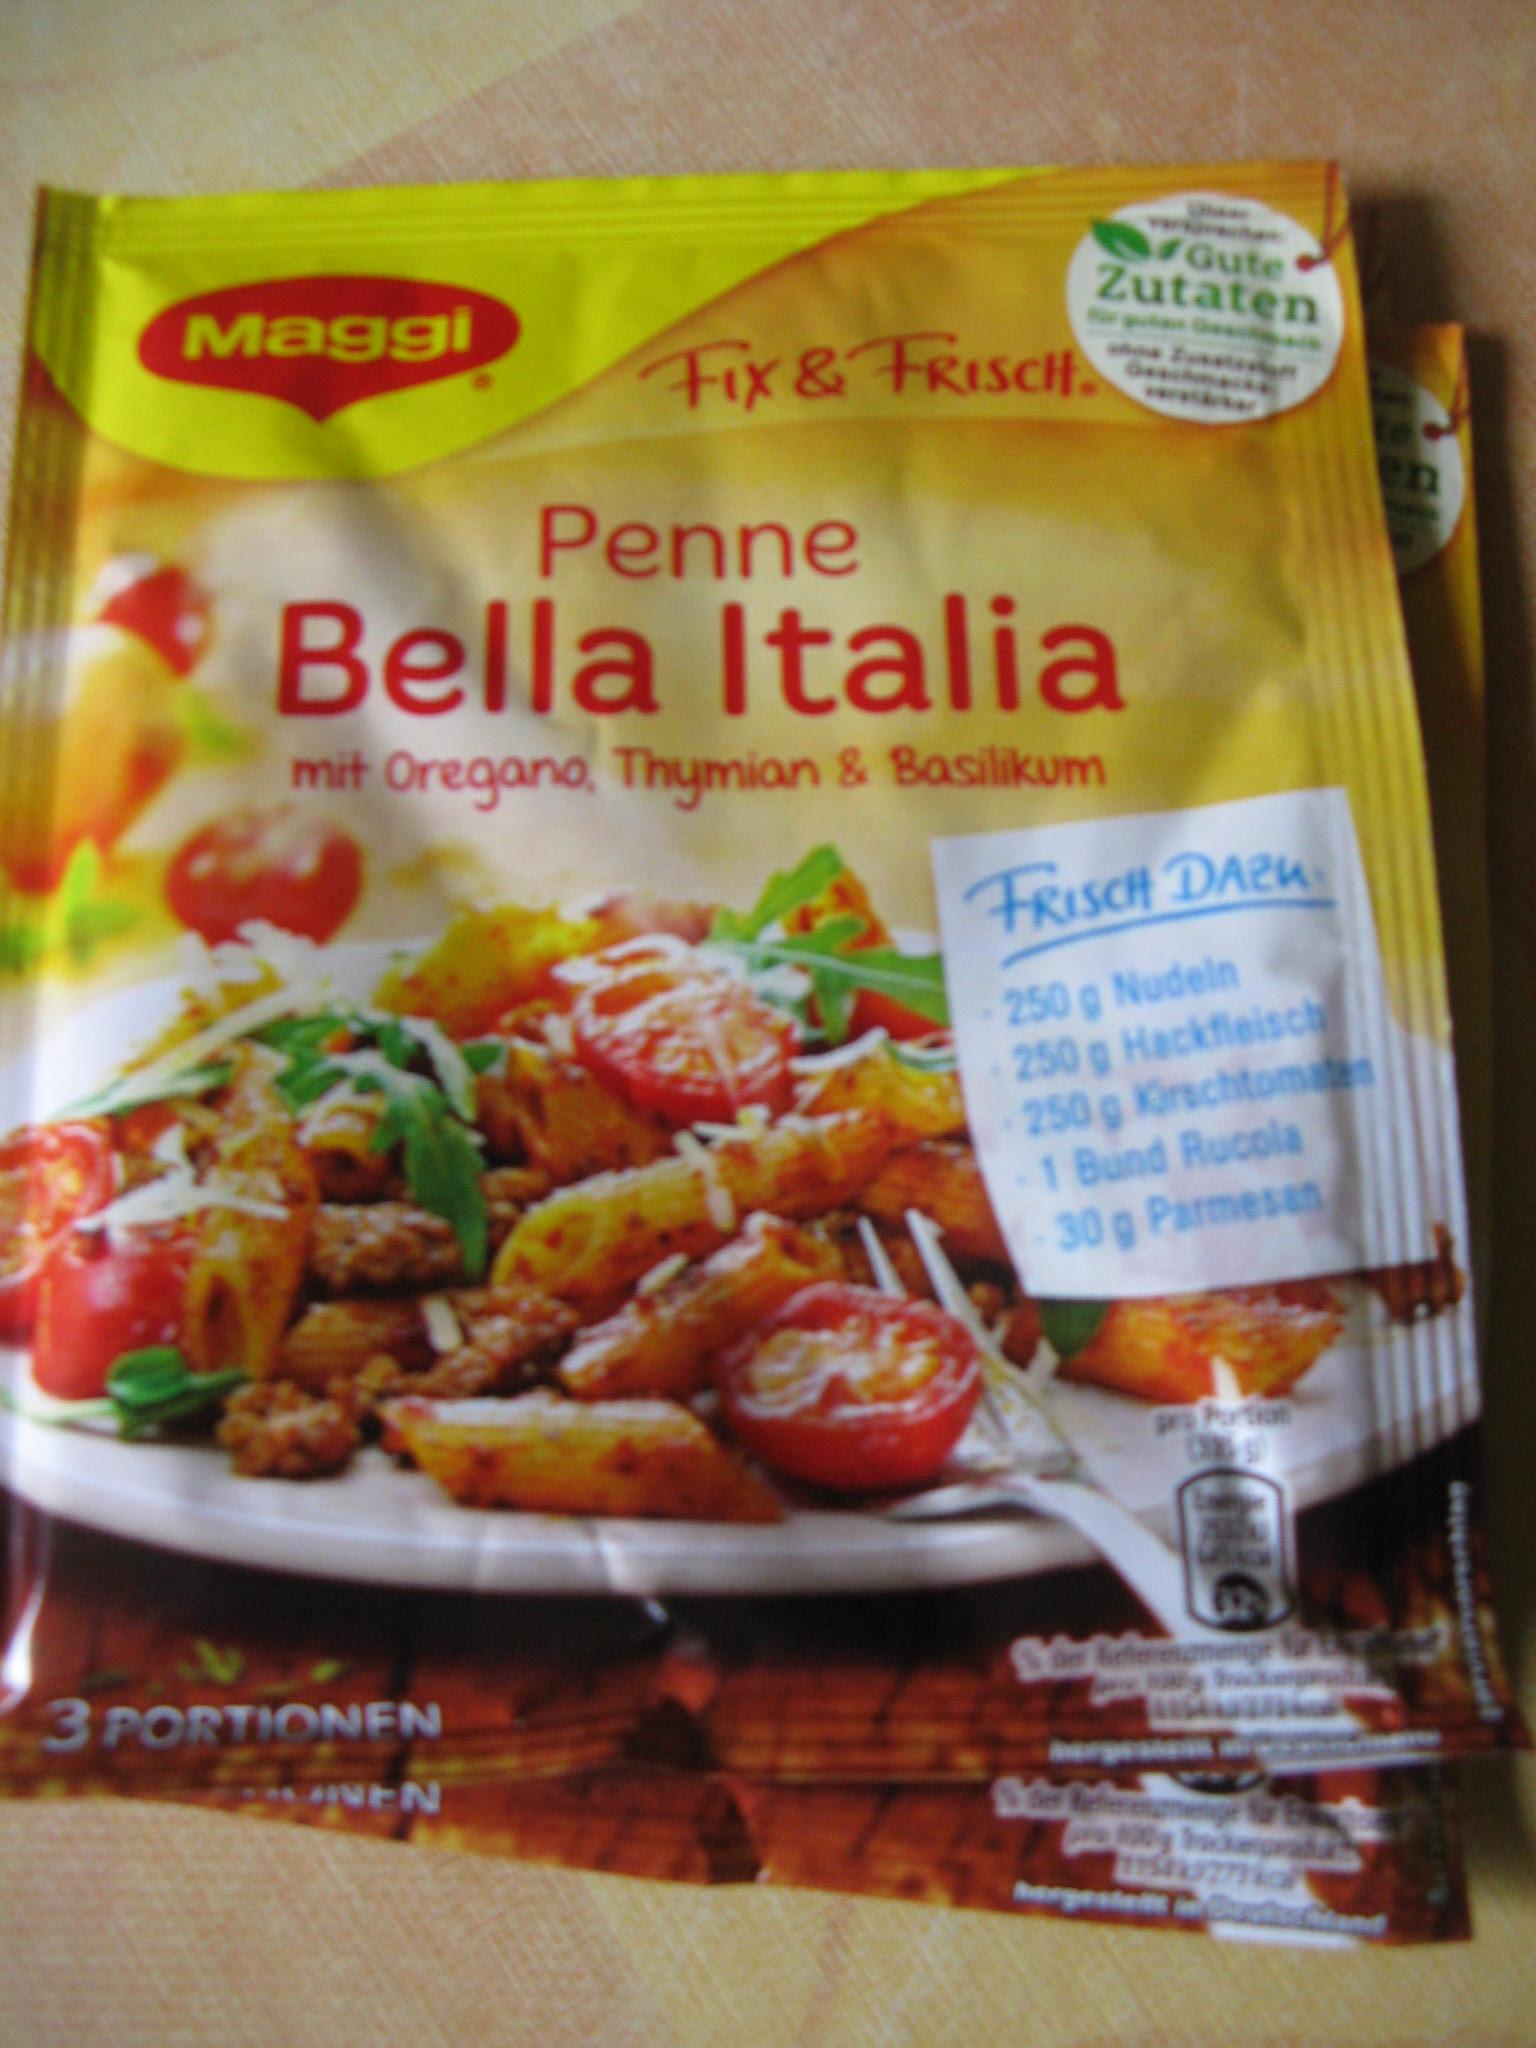 Die neue Maggi Qualität Fix & Frisch Bella Italia